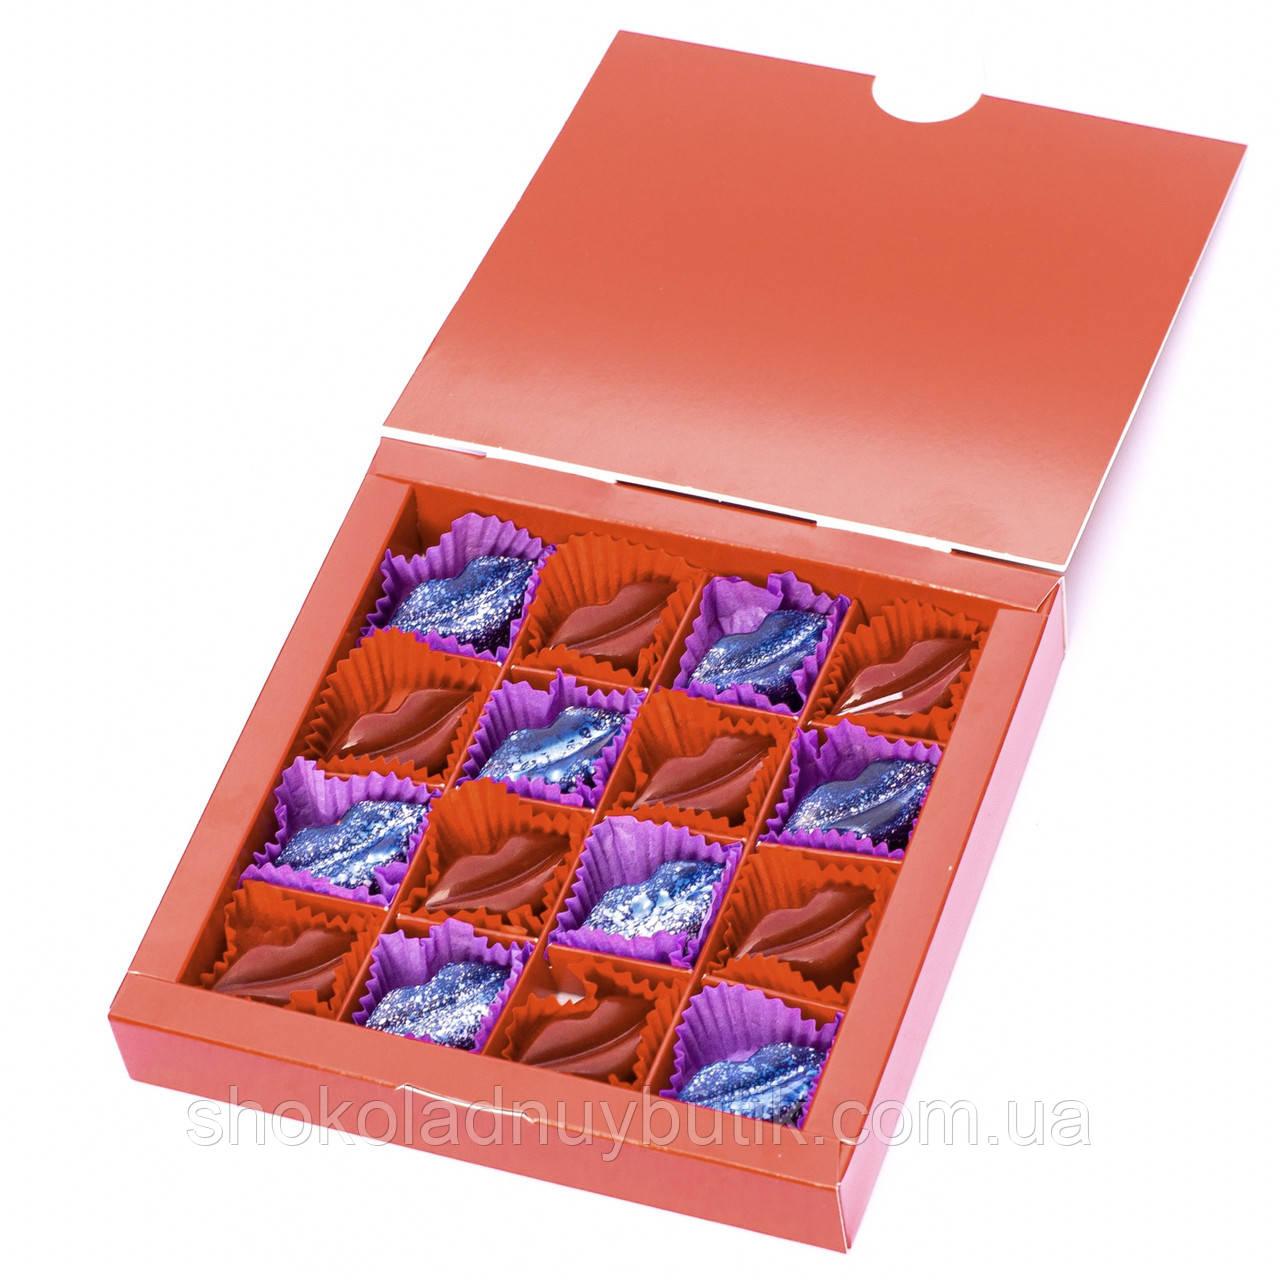 Шоколадные конфеты ручной роботы *Сладкие поцелуи,красная коробка*